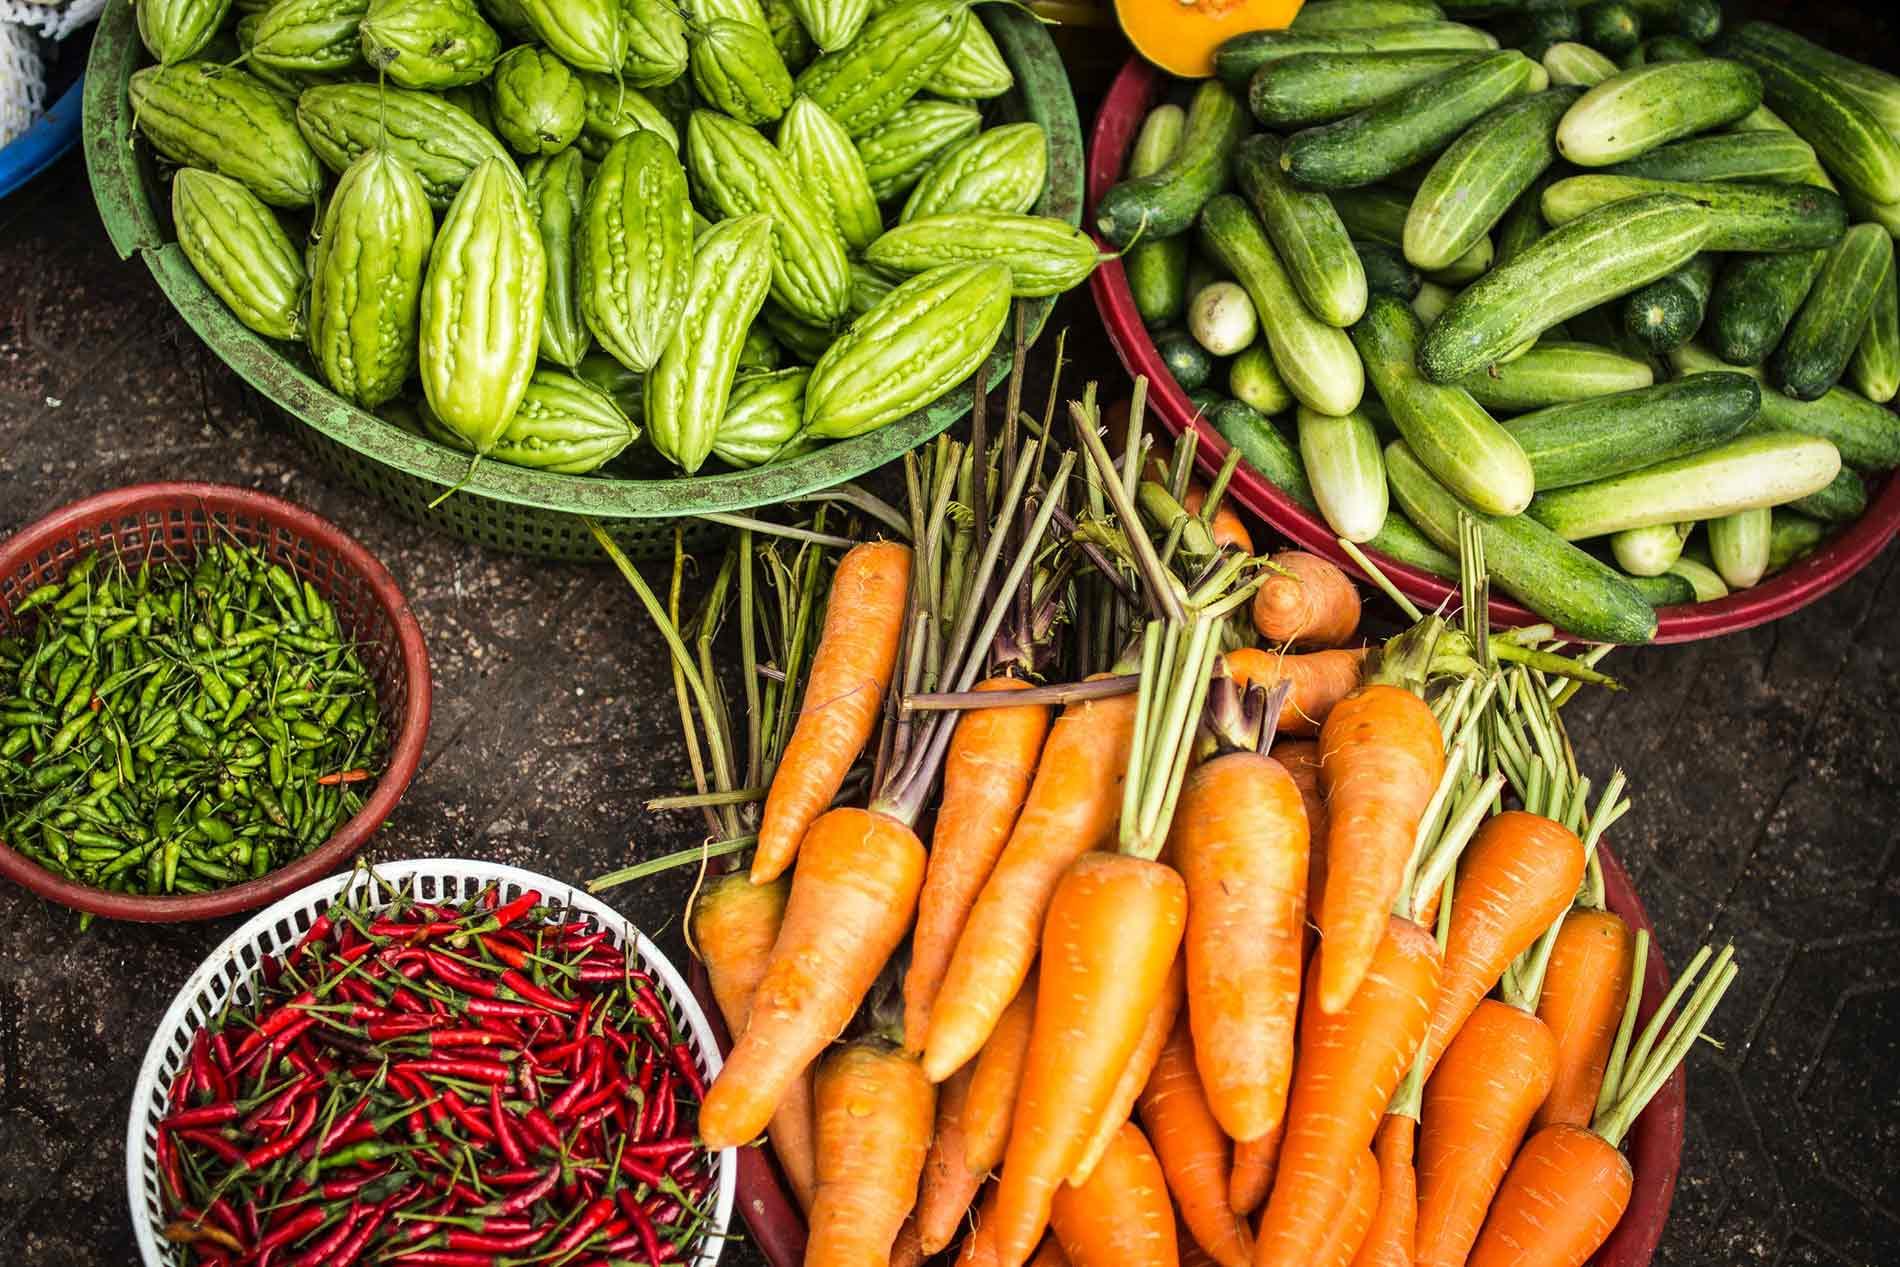 Toka eltüntetése otthon helyes táplálkozással